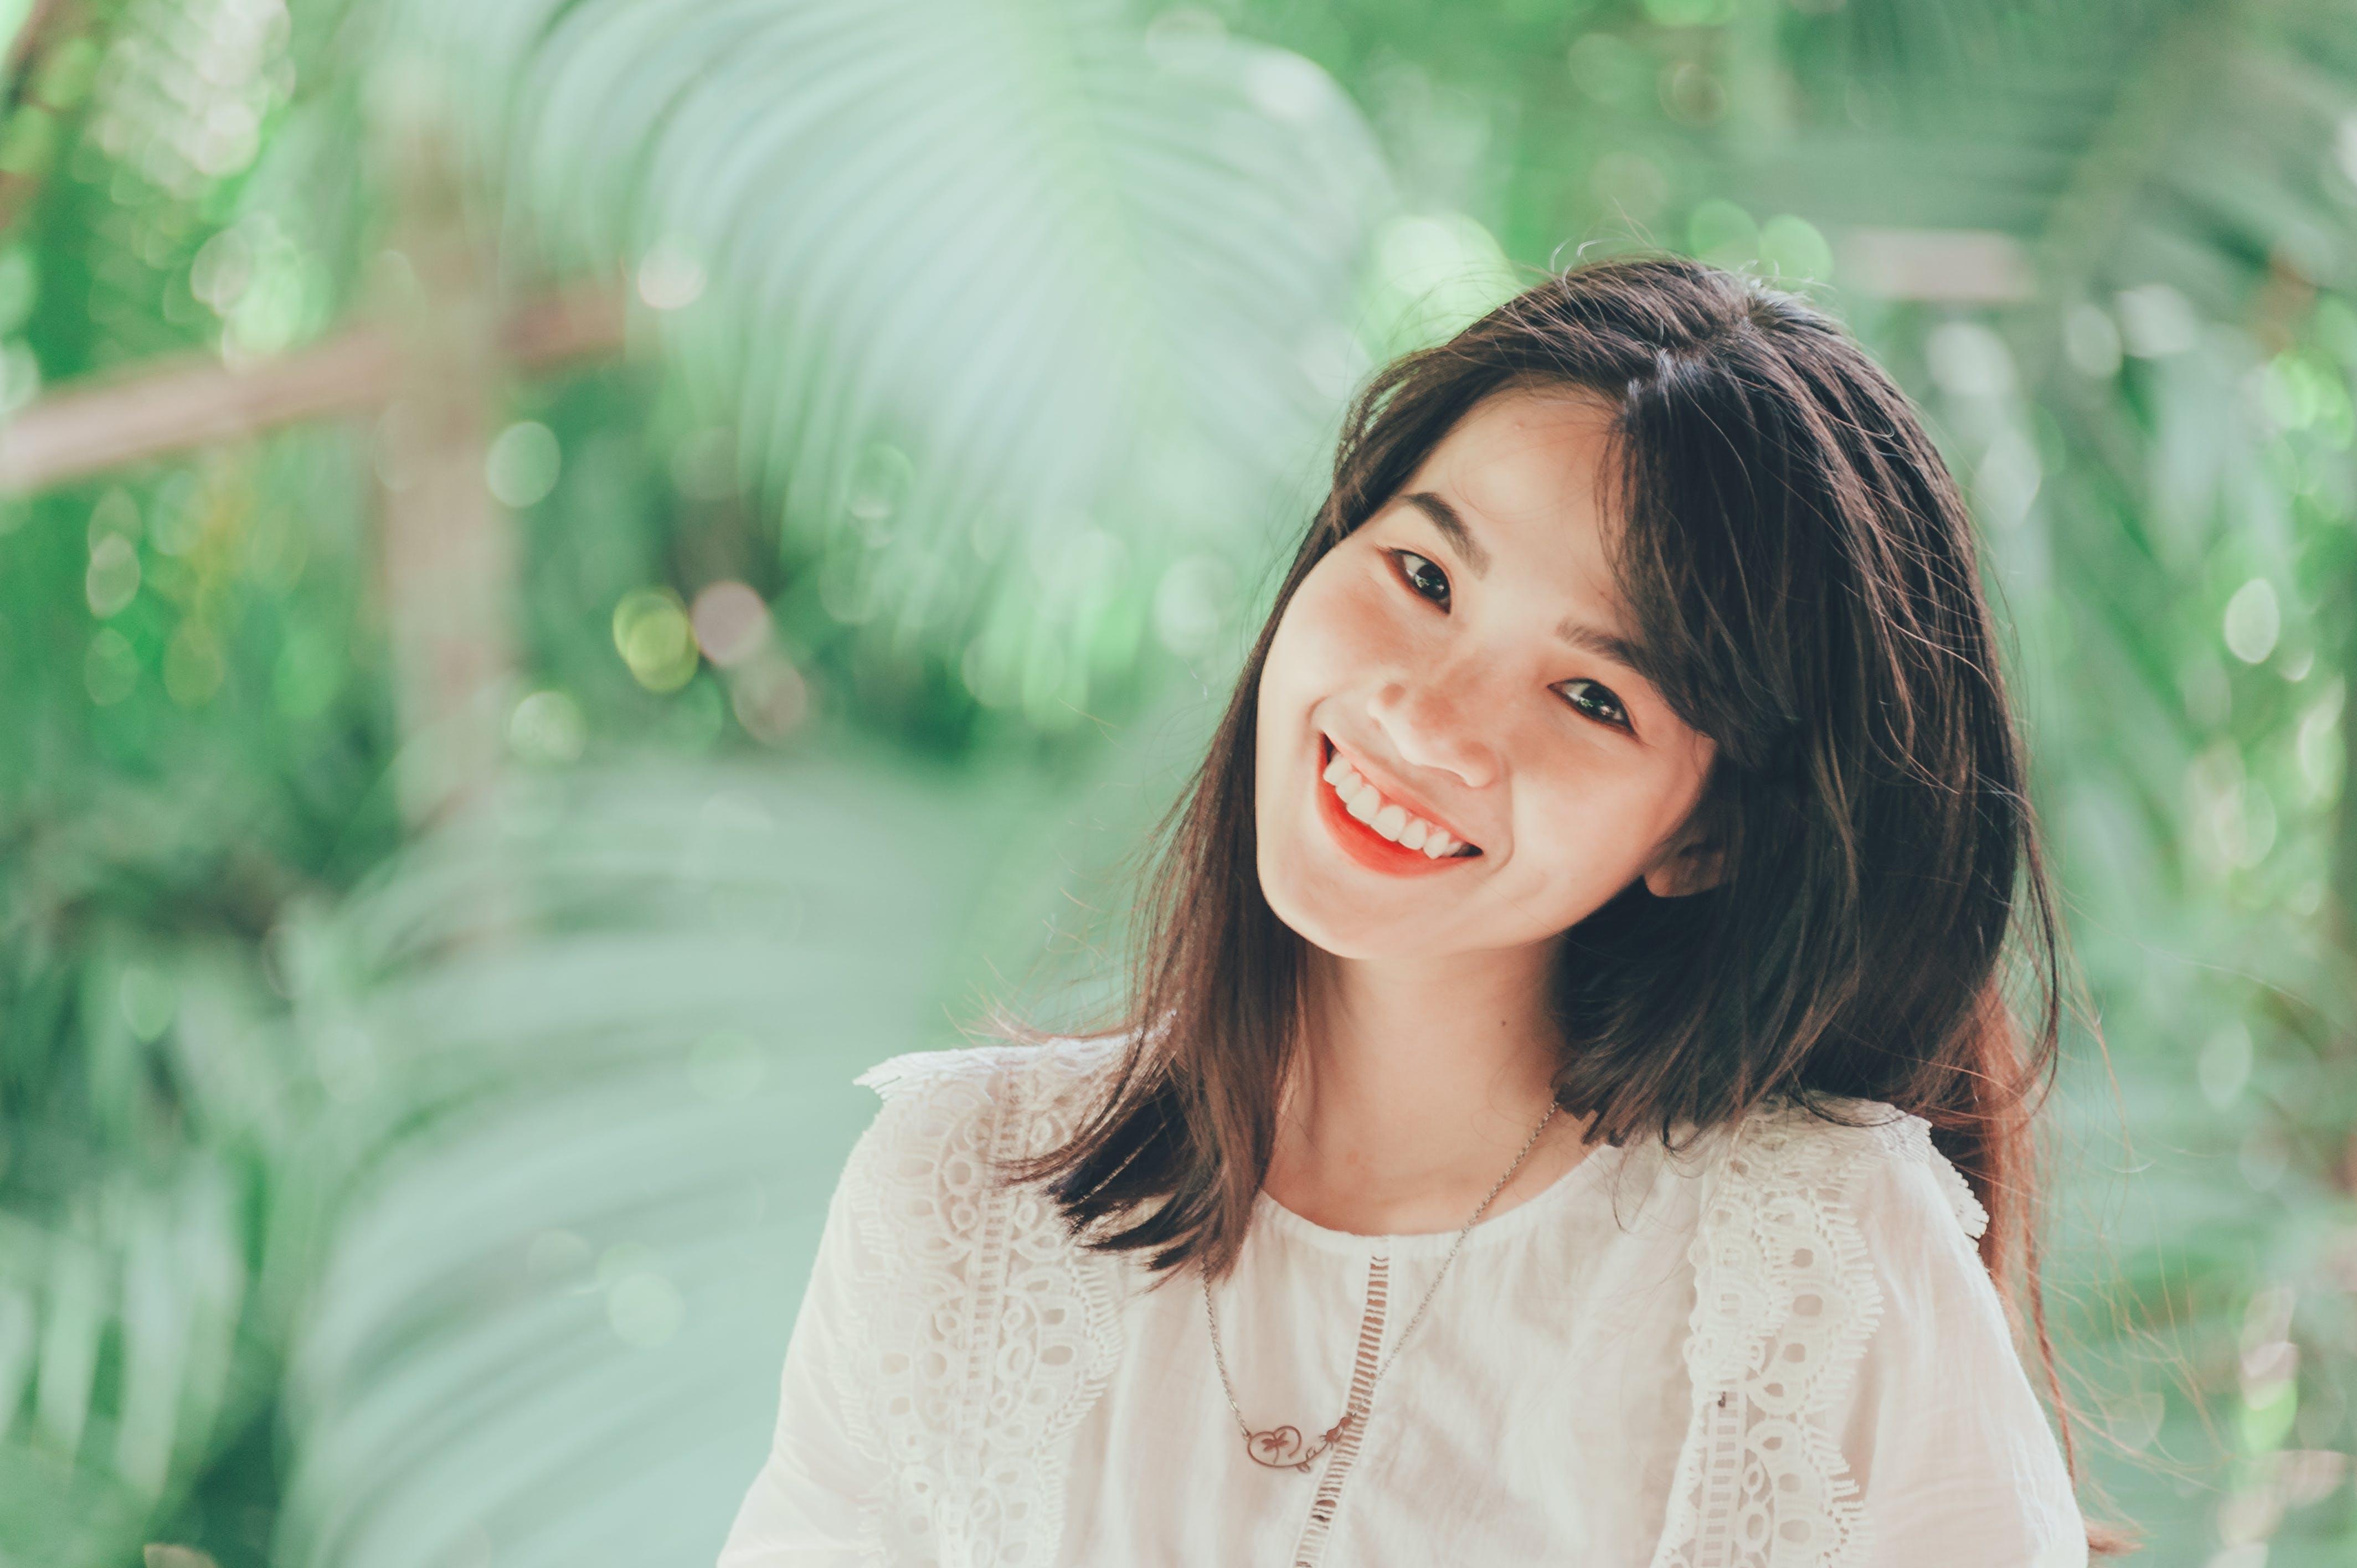 ほほえむ, ぼかし, アジア人, アジア人の女の子の無料の写真素材